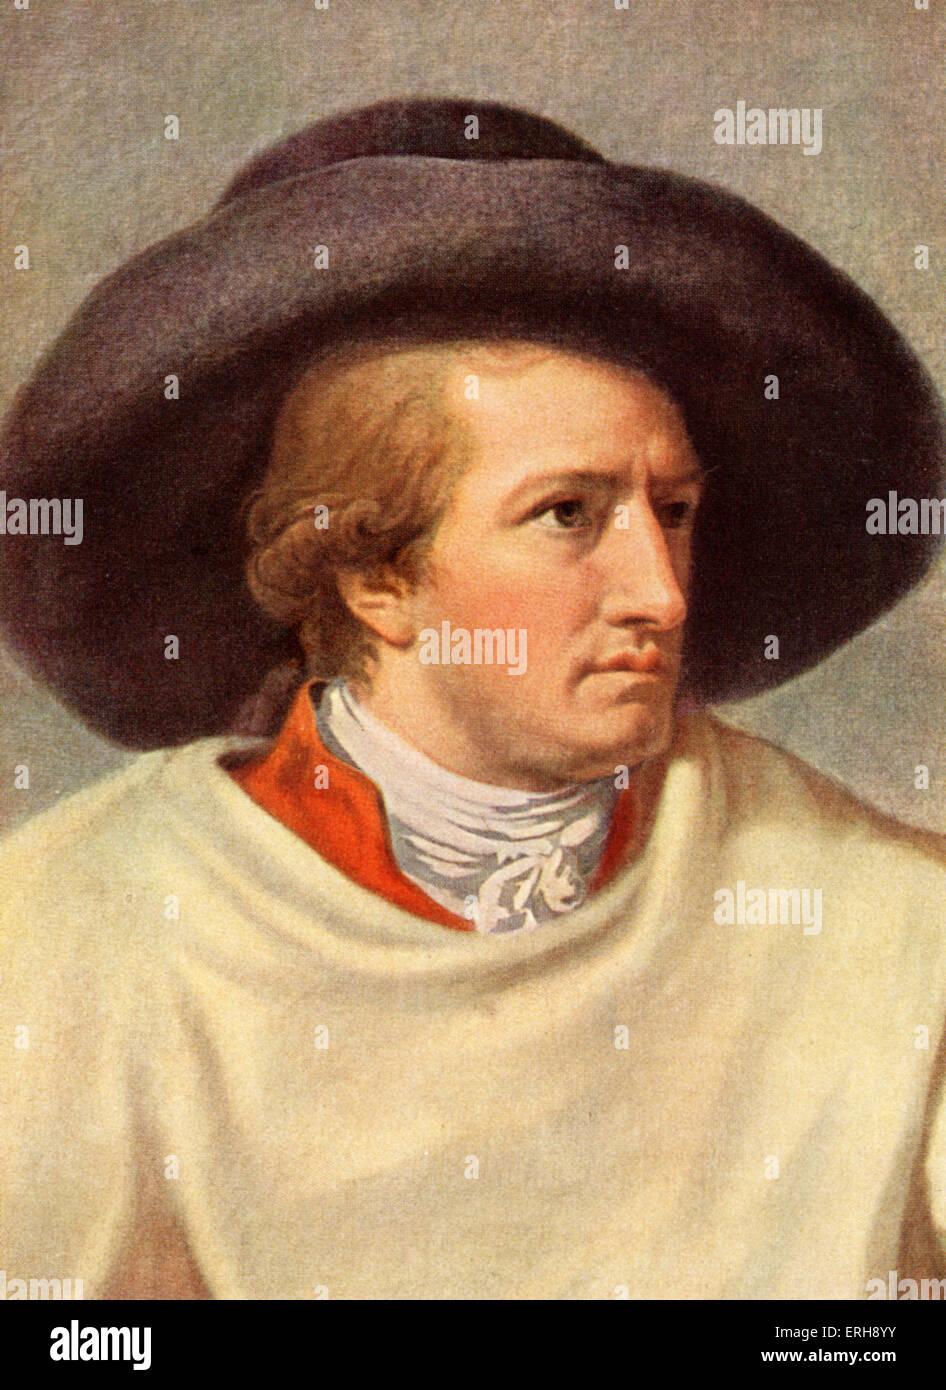 GOETHE,  Johann Wolfgang von German writer and poet  (1749 - 1832)  by J.H.W. Tischbein Stock Photo